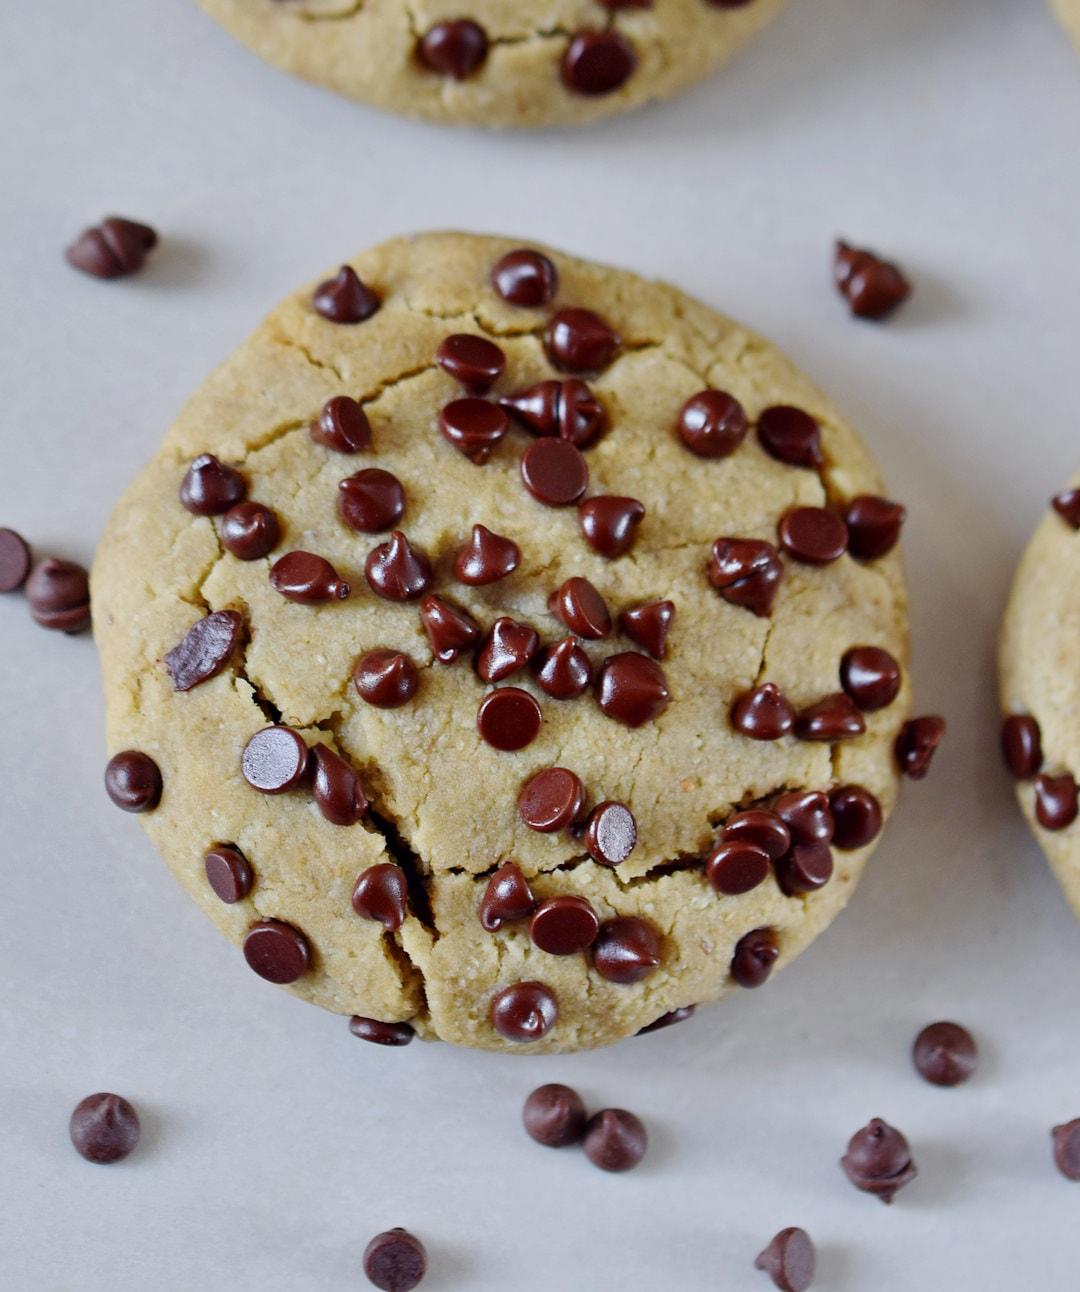 Kekse mit Schokoladenfüllung vegane Nutella glutenfrei mit Bohnen